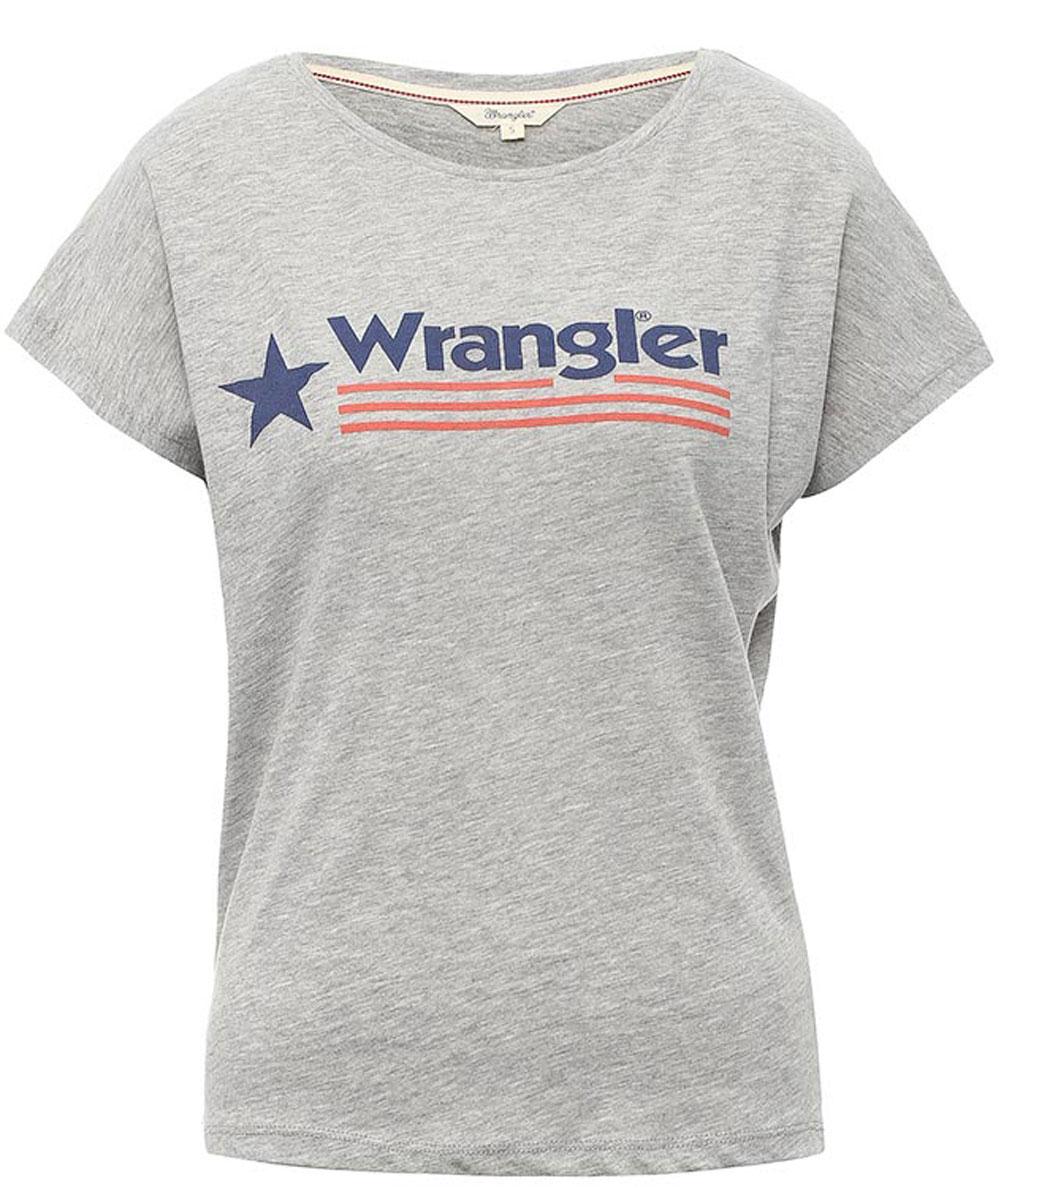 W7331GG12Стильная женская футболка Wrangler Relaxed изготовлена из сочетания хлопка и полиэстера. Модель с круглым вырезом горловины и короткими цельнокроеными рукавами оформлена принтом с надписью бренда. По бокам футболка дополнена небольшими разрезами.